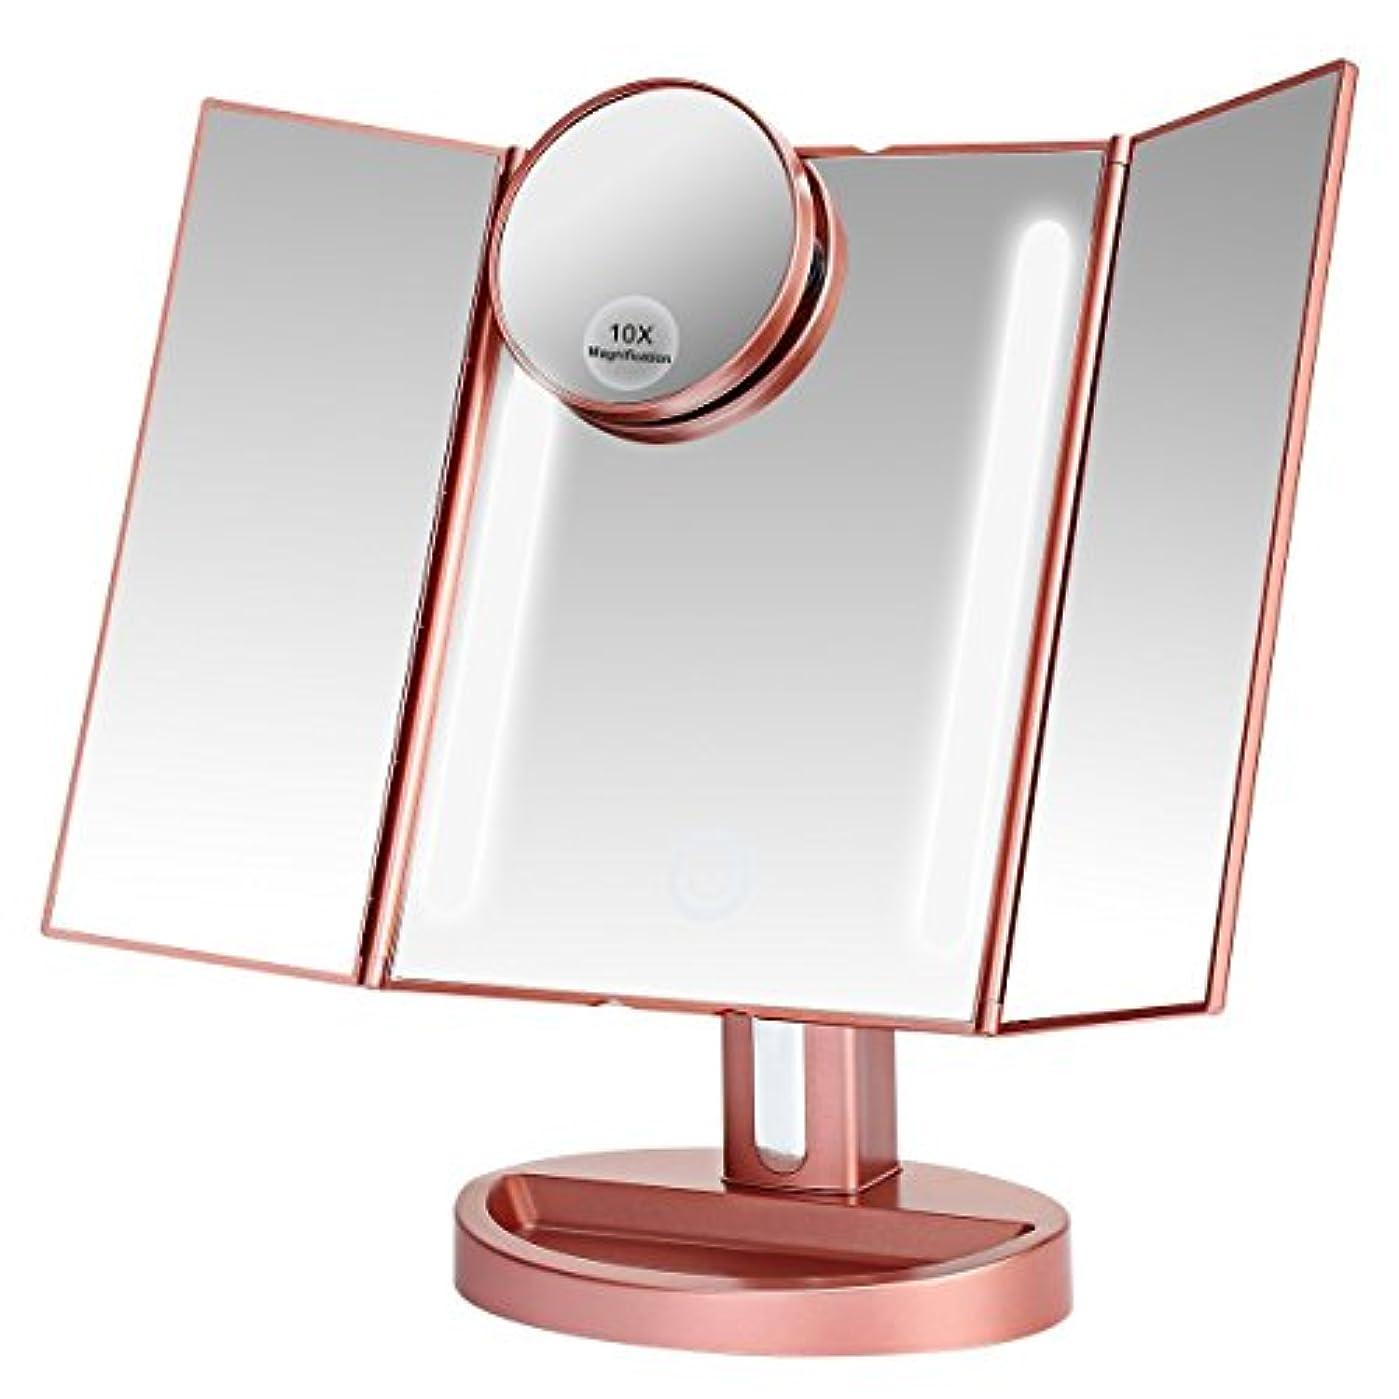 鍔スポーツマン使役LEEPWEI 化粧鏡  LED三面鏡 折りたたみ式 10倍拡大鏡付き 明るさ調節 180度回転